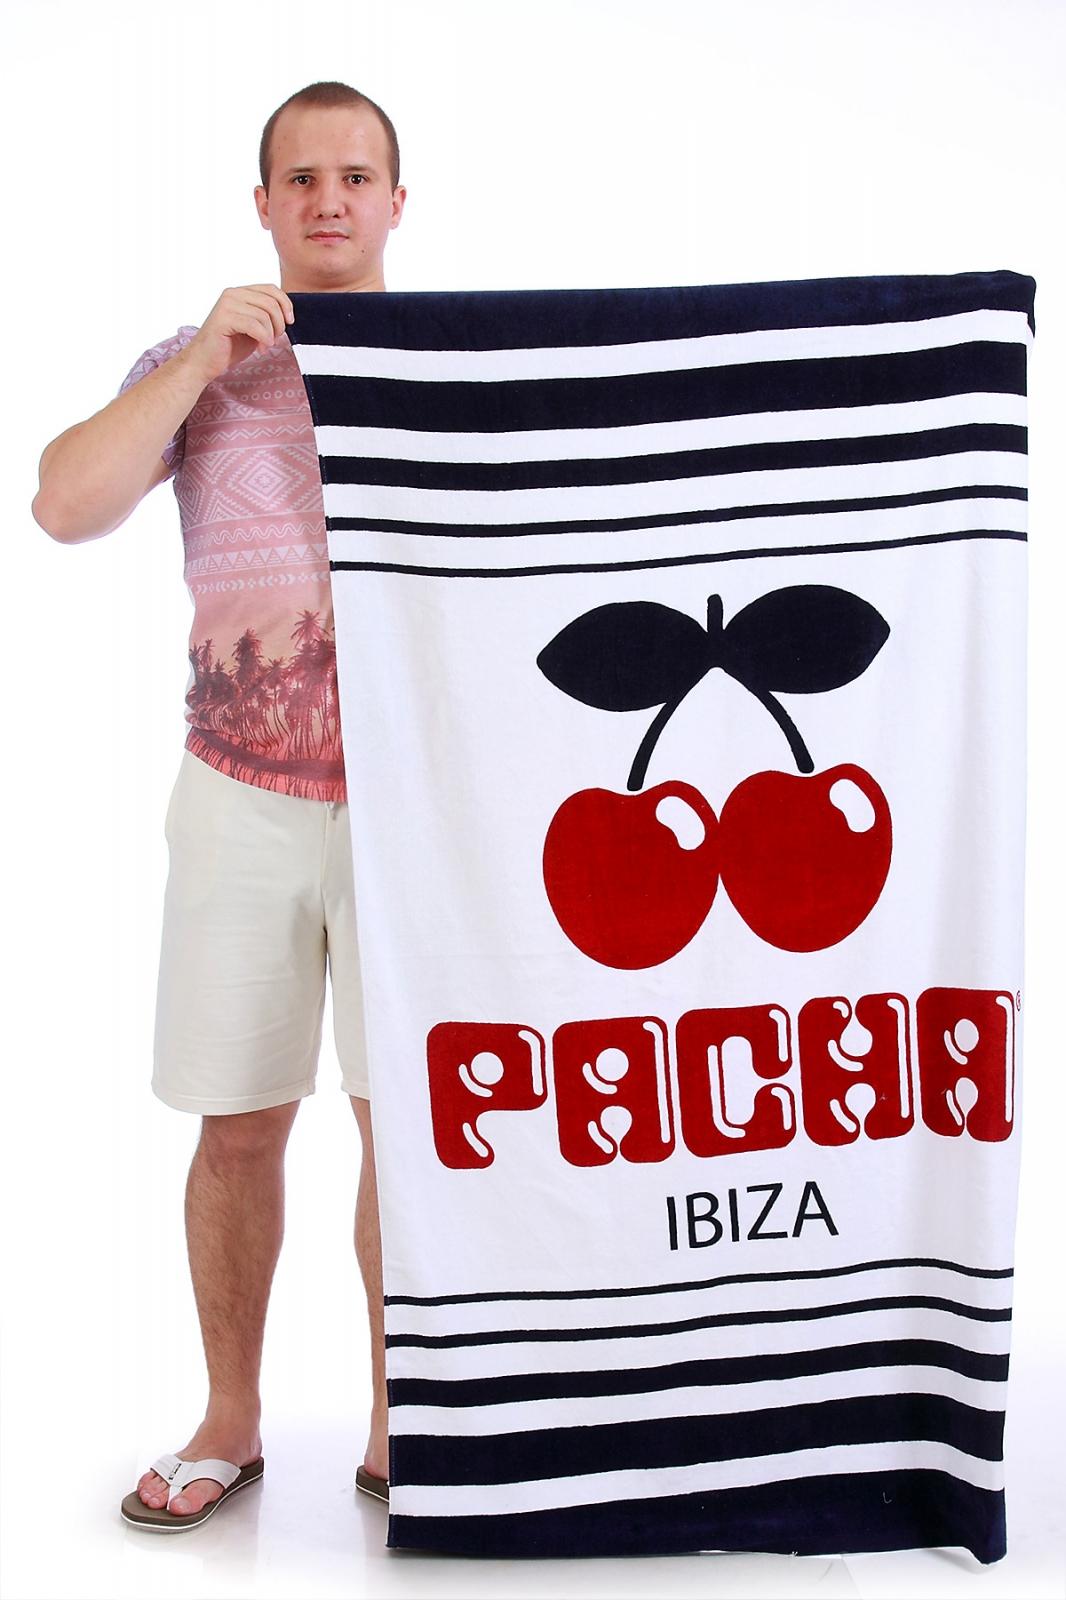 Клубное полотенце - заказать в интернет-магазине